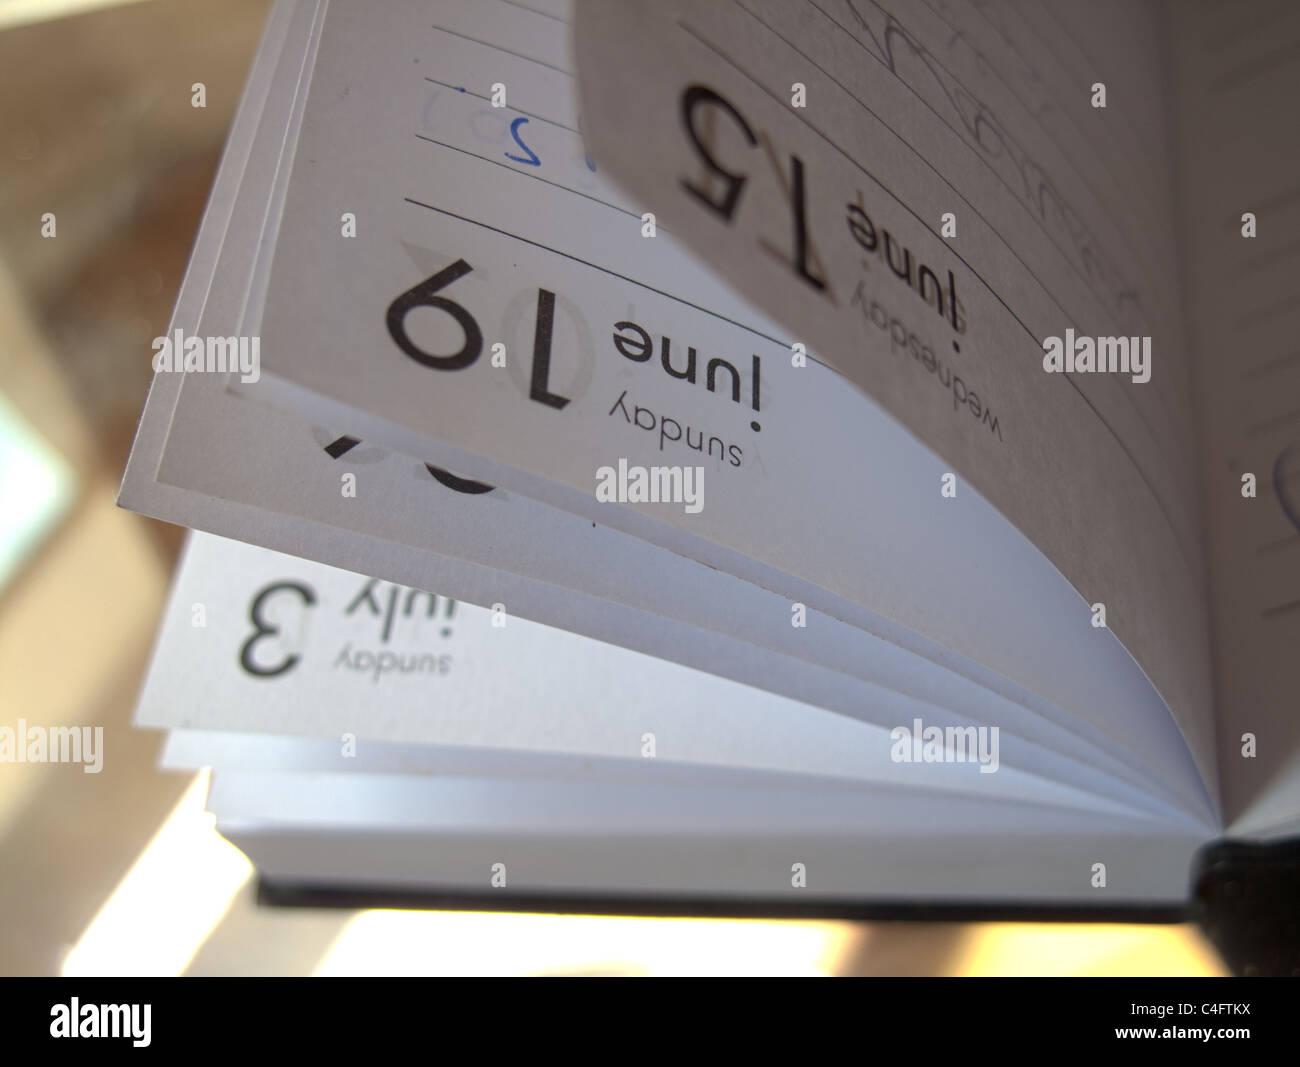 Journal annuel poche ouverte sur une table en verre en soleil Photo Stock